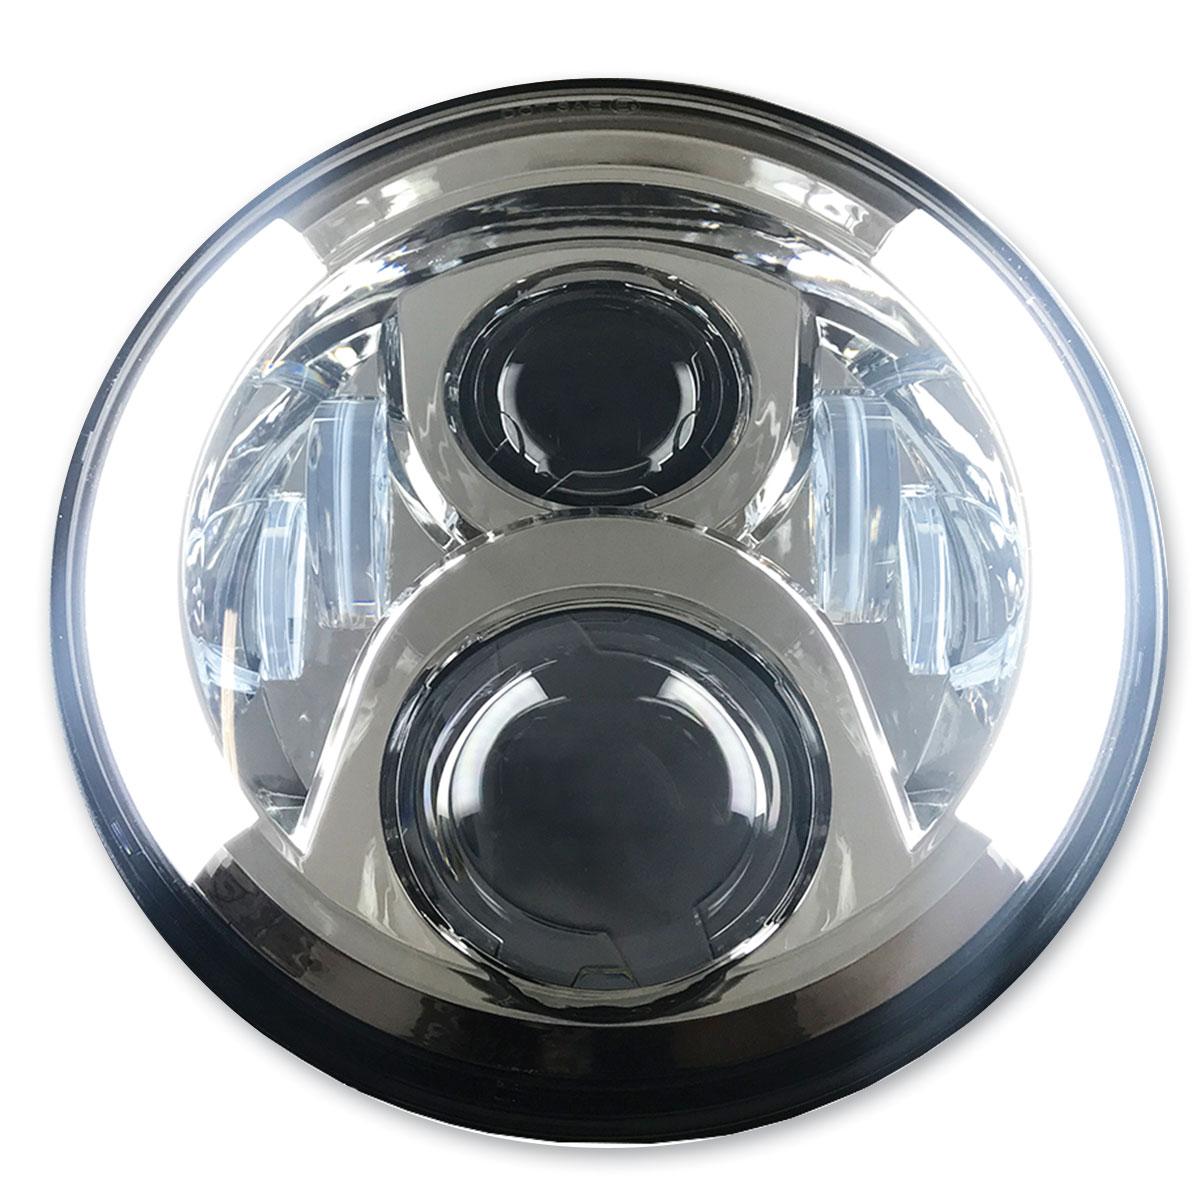 PathfinderLED 7″ Chrome LED Headlight